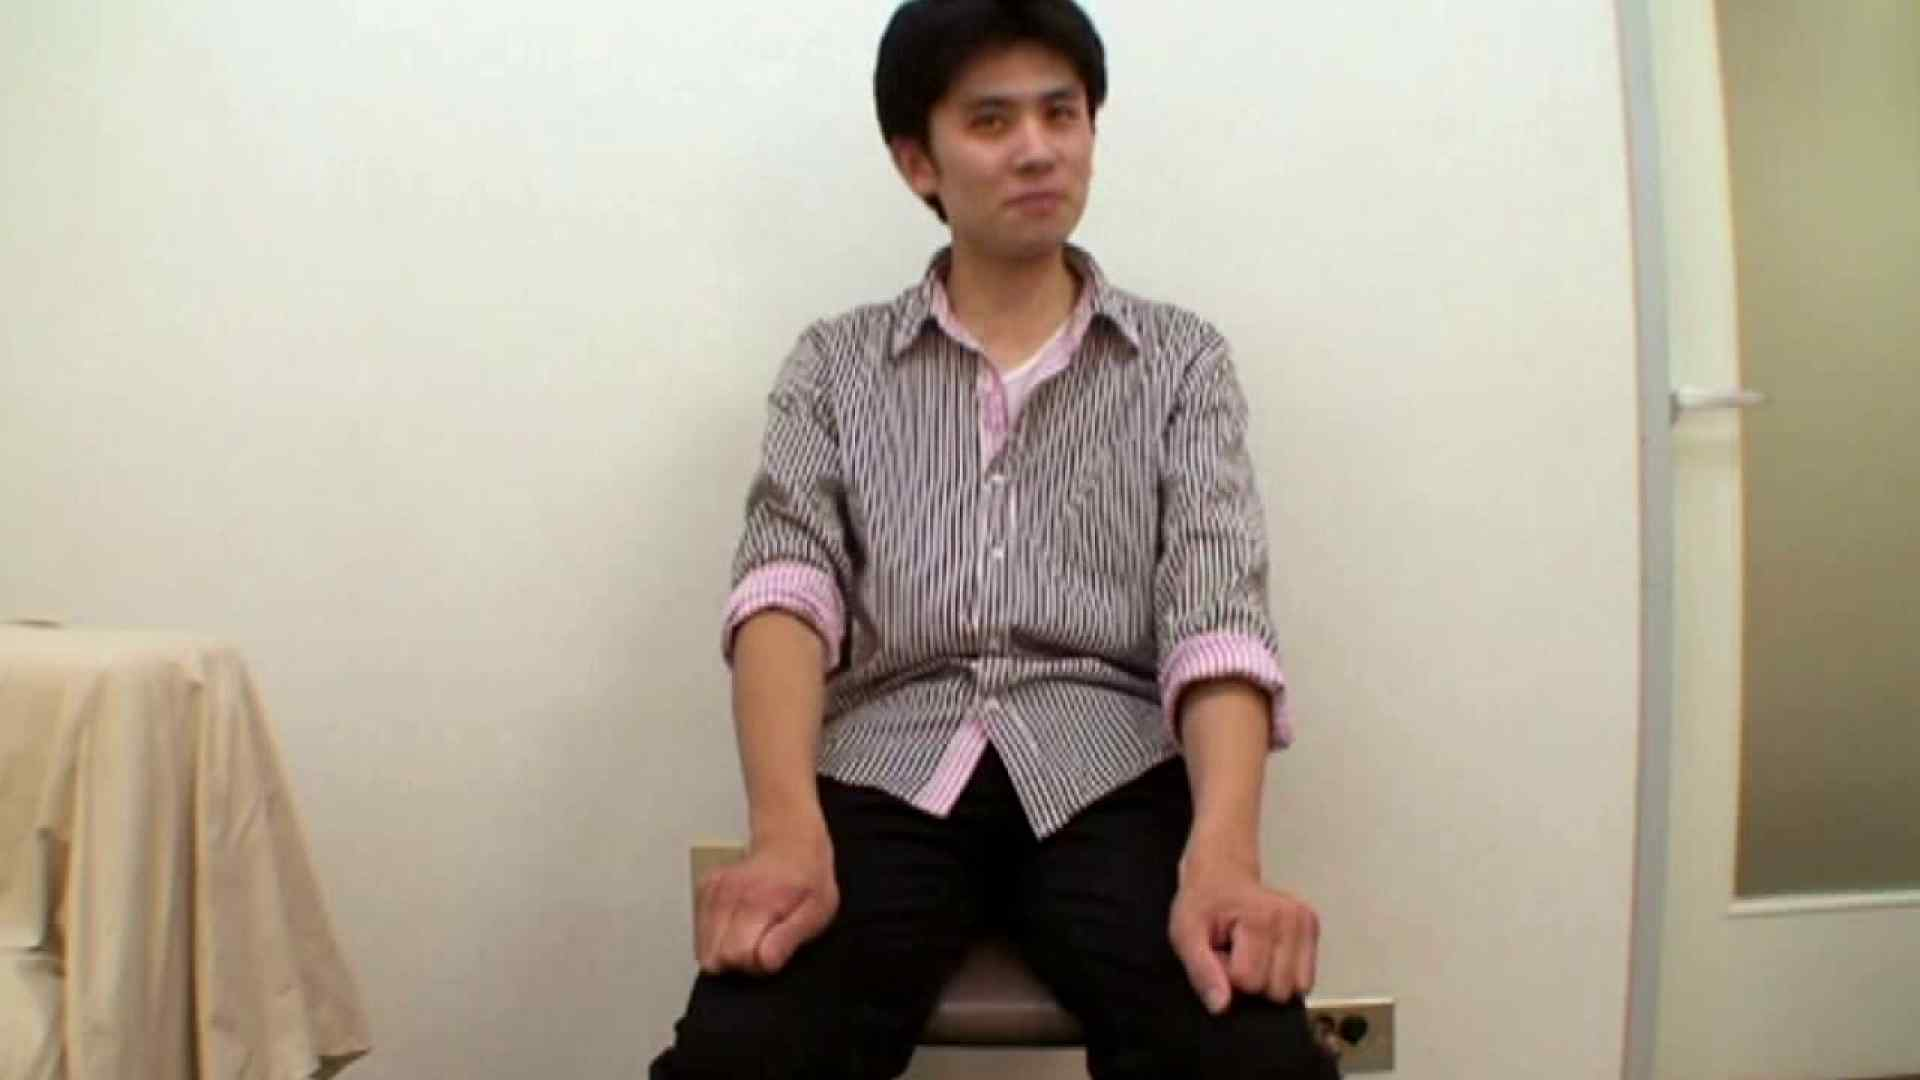 ノンケ!自慰スタジオ No.32 ノンケ達のセックス Guyエロ画像 90画像 2